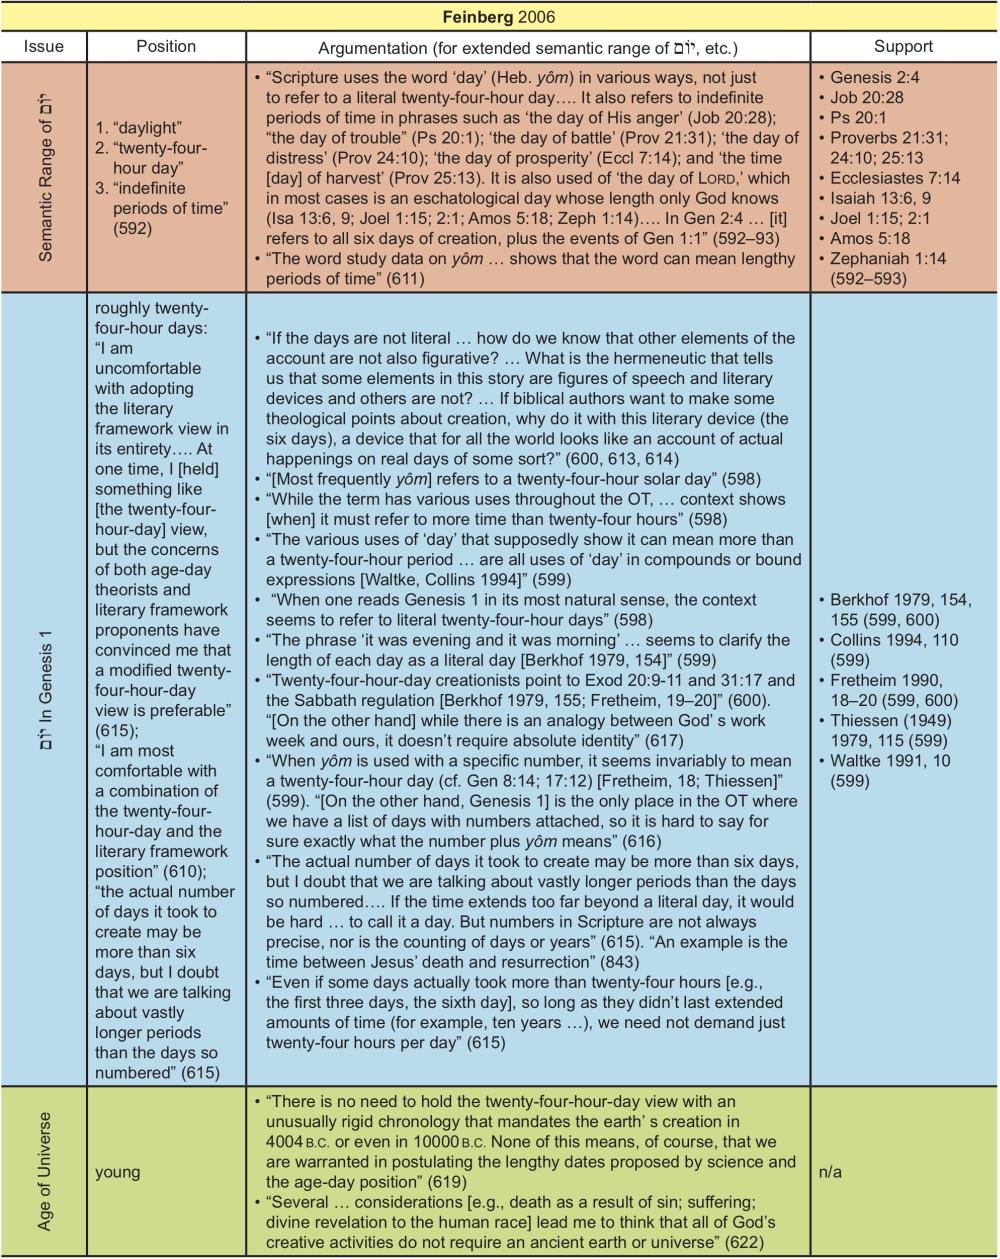 Appendix Table 10